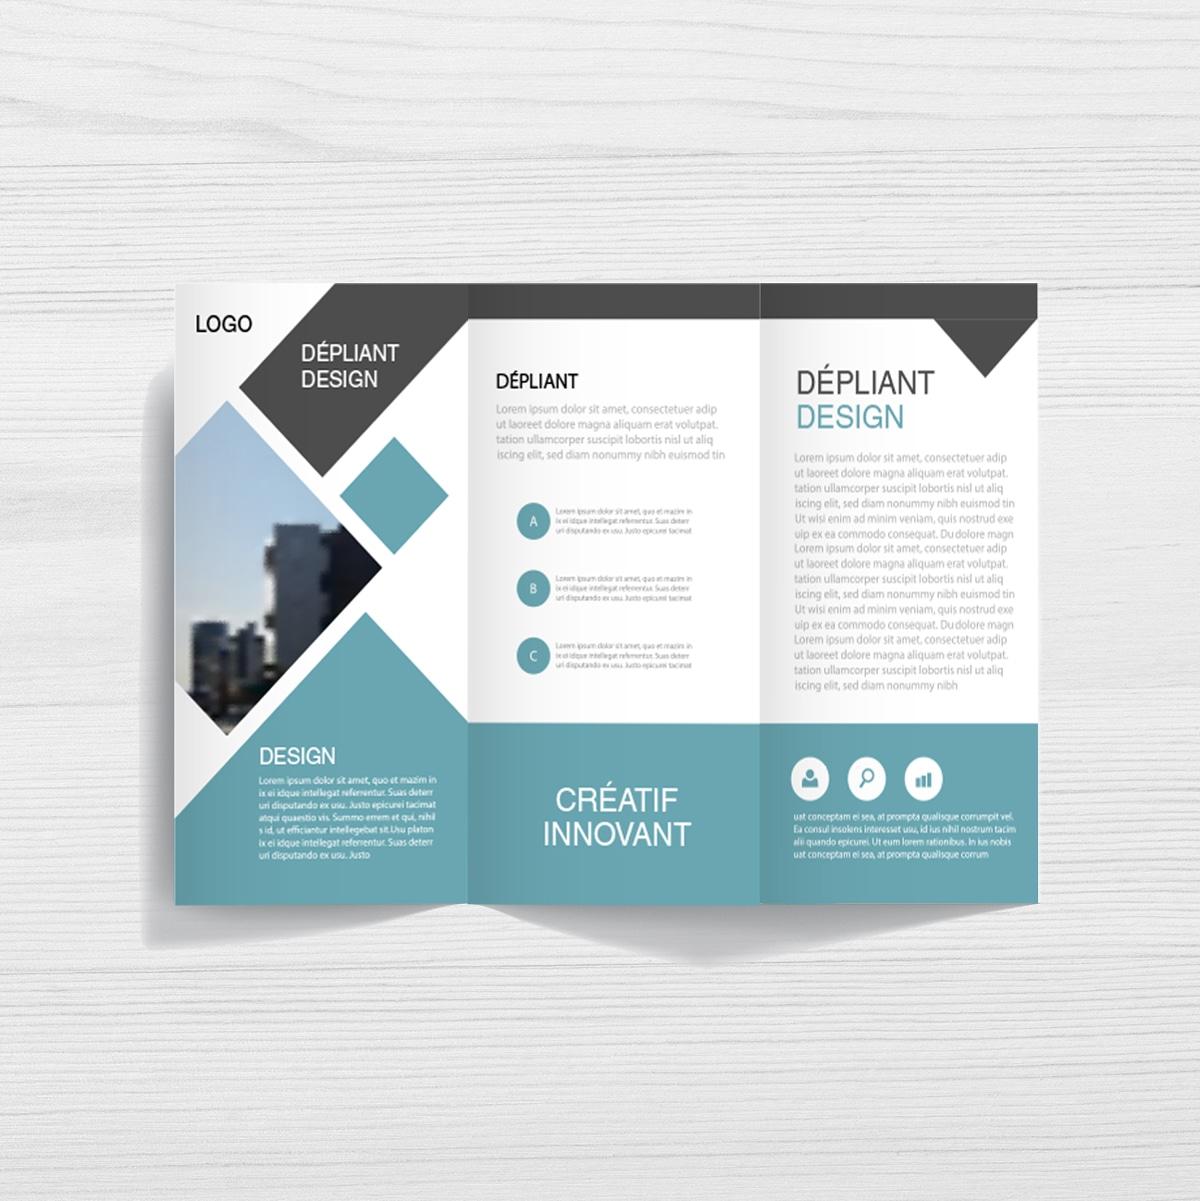 Depliant Publicitaire Depliants 3 Volets Flyer 4 Pages Copymage Com